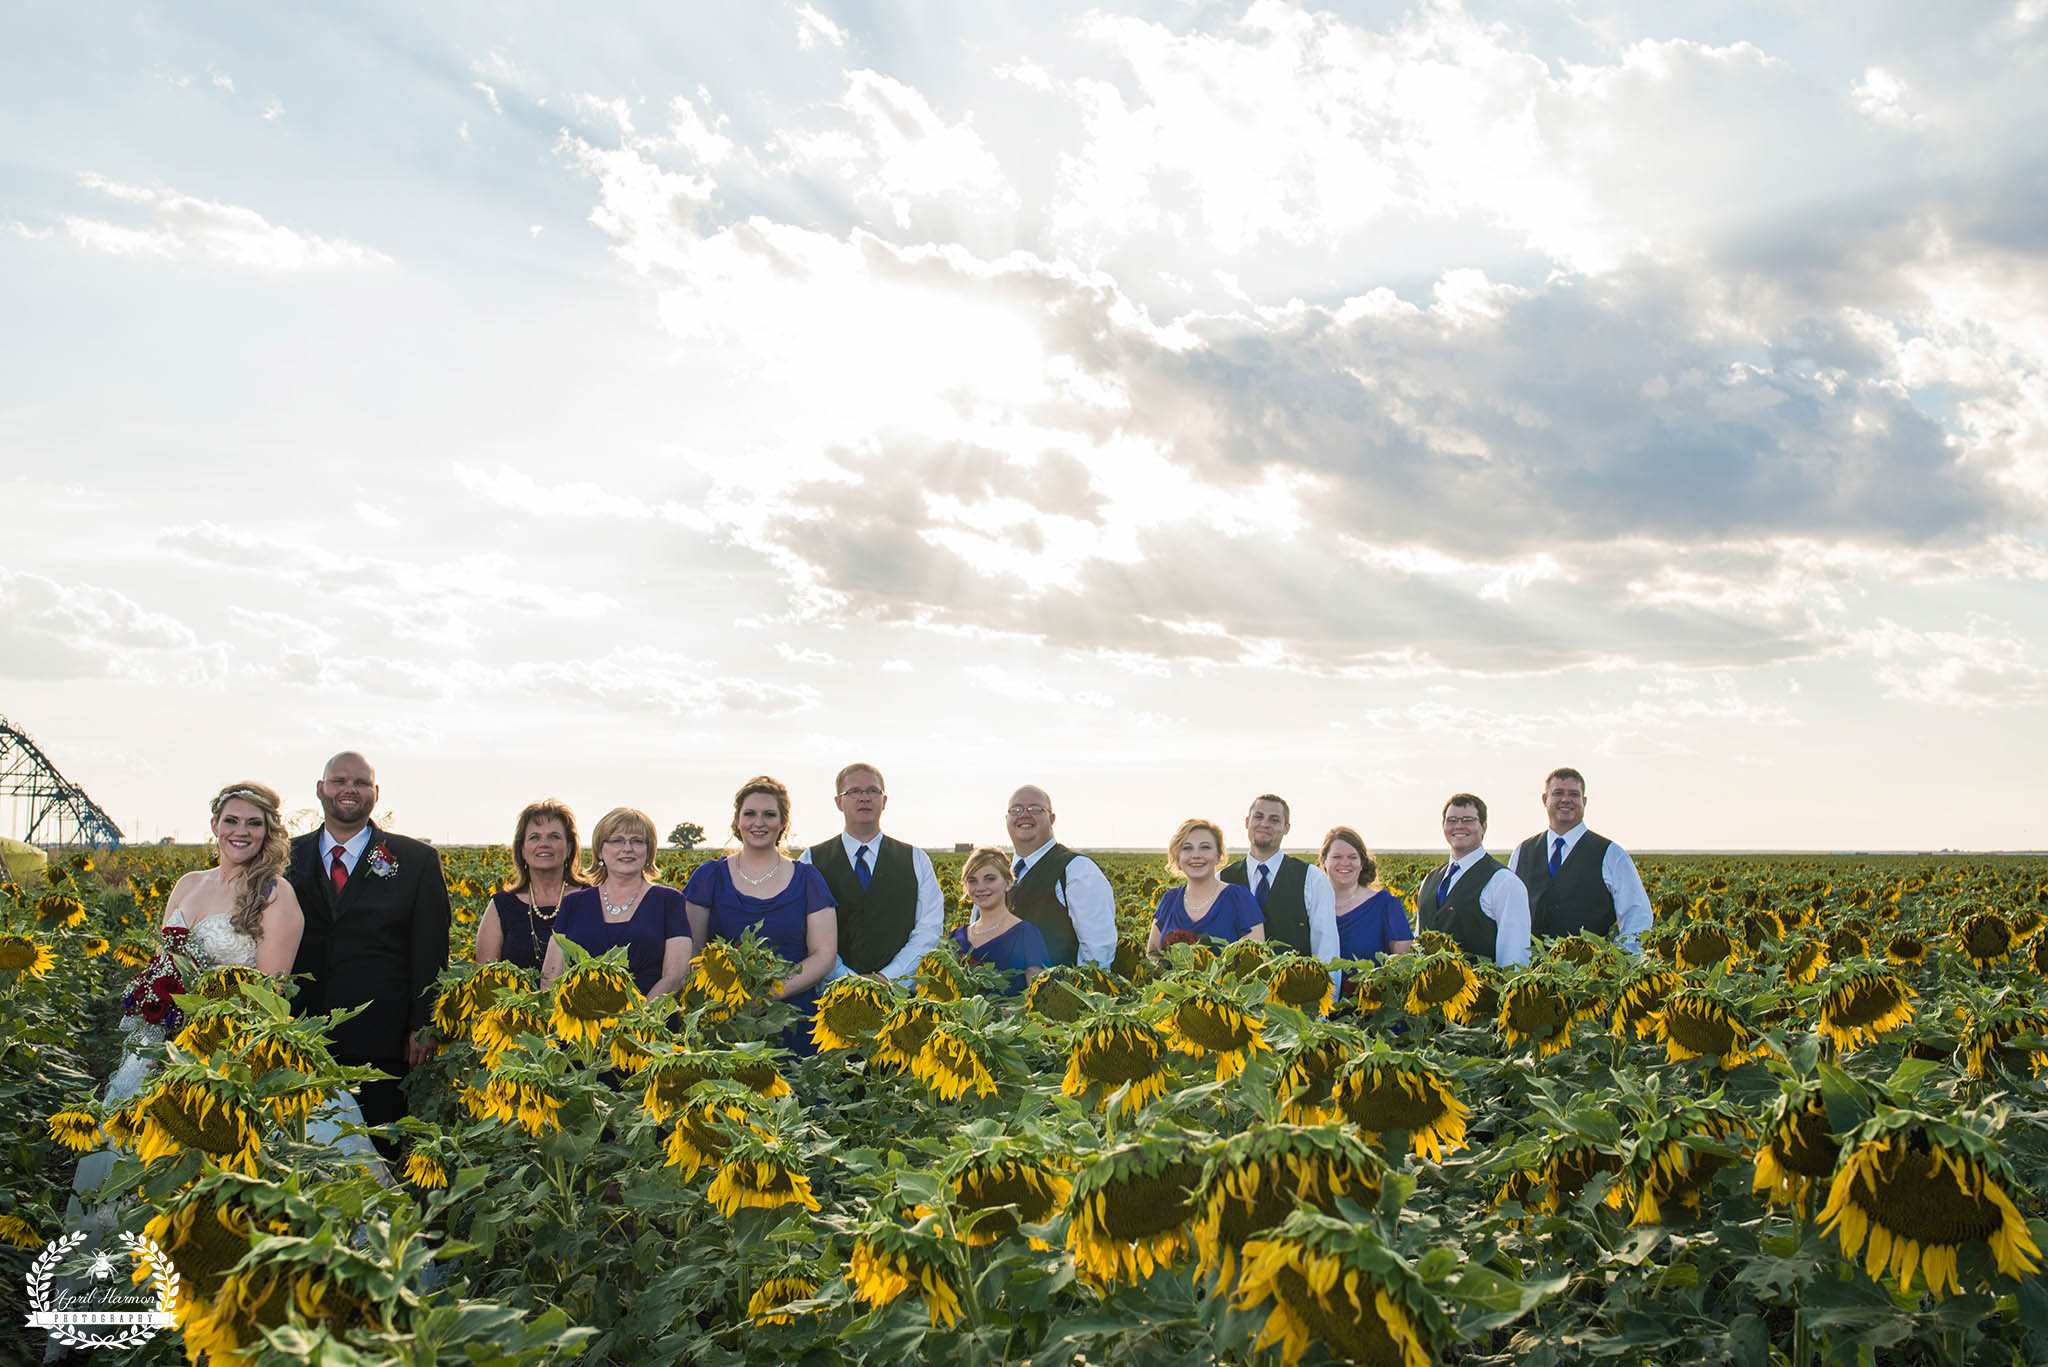 southwest-kansas-wedding-photography120.jpg